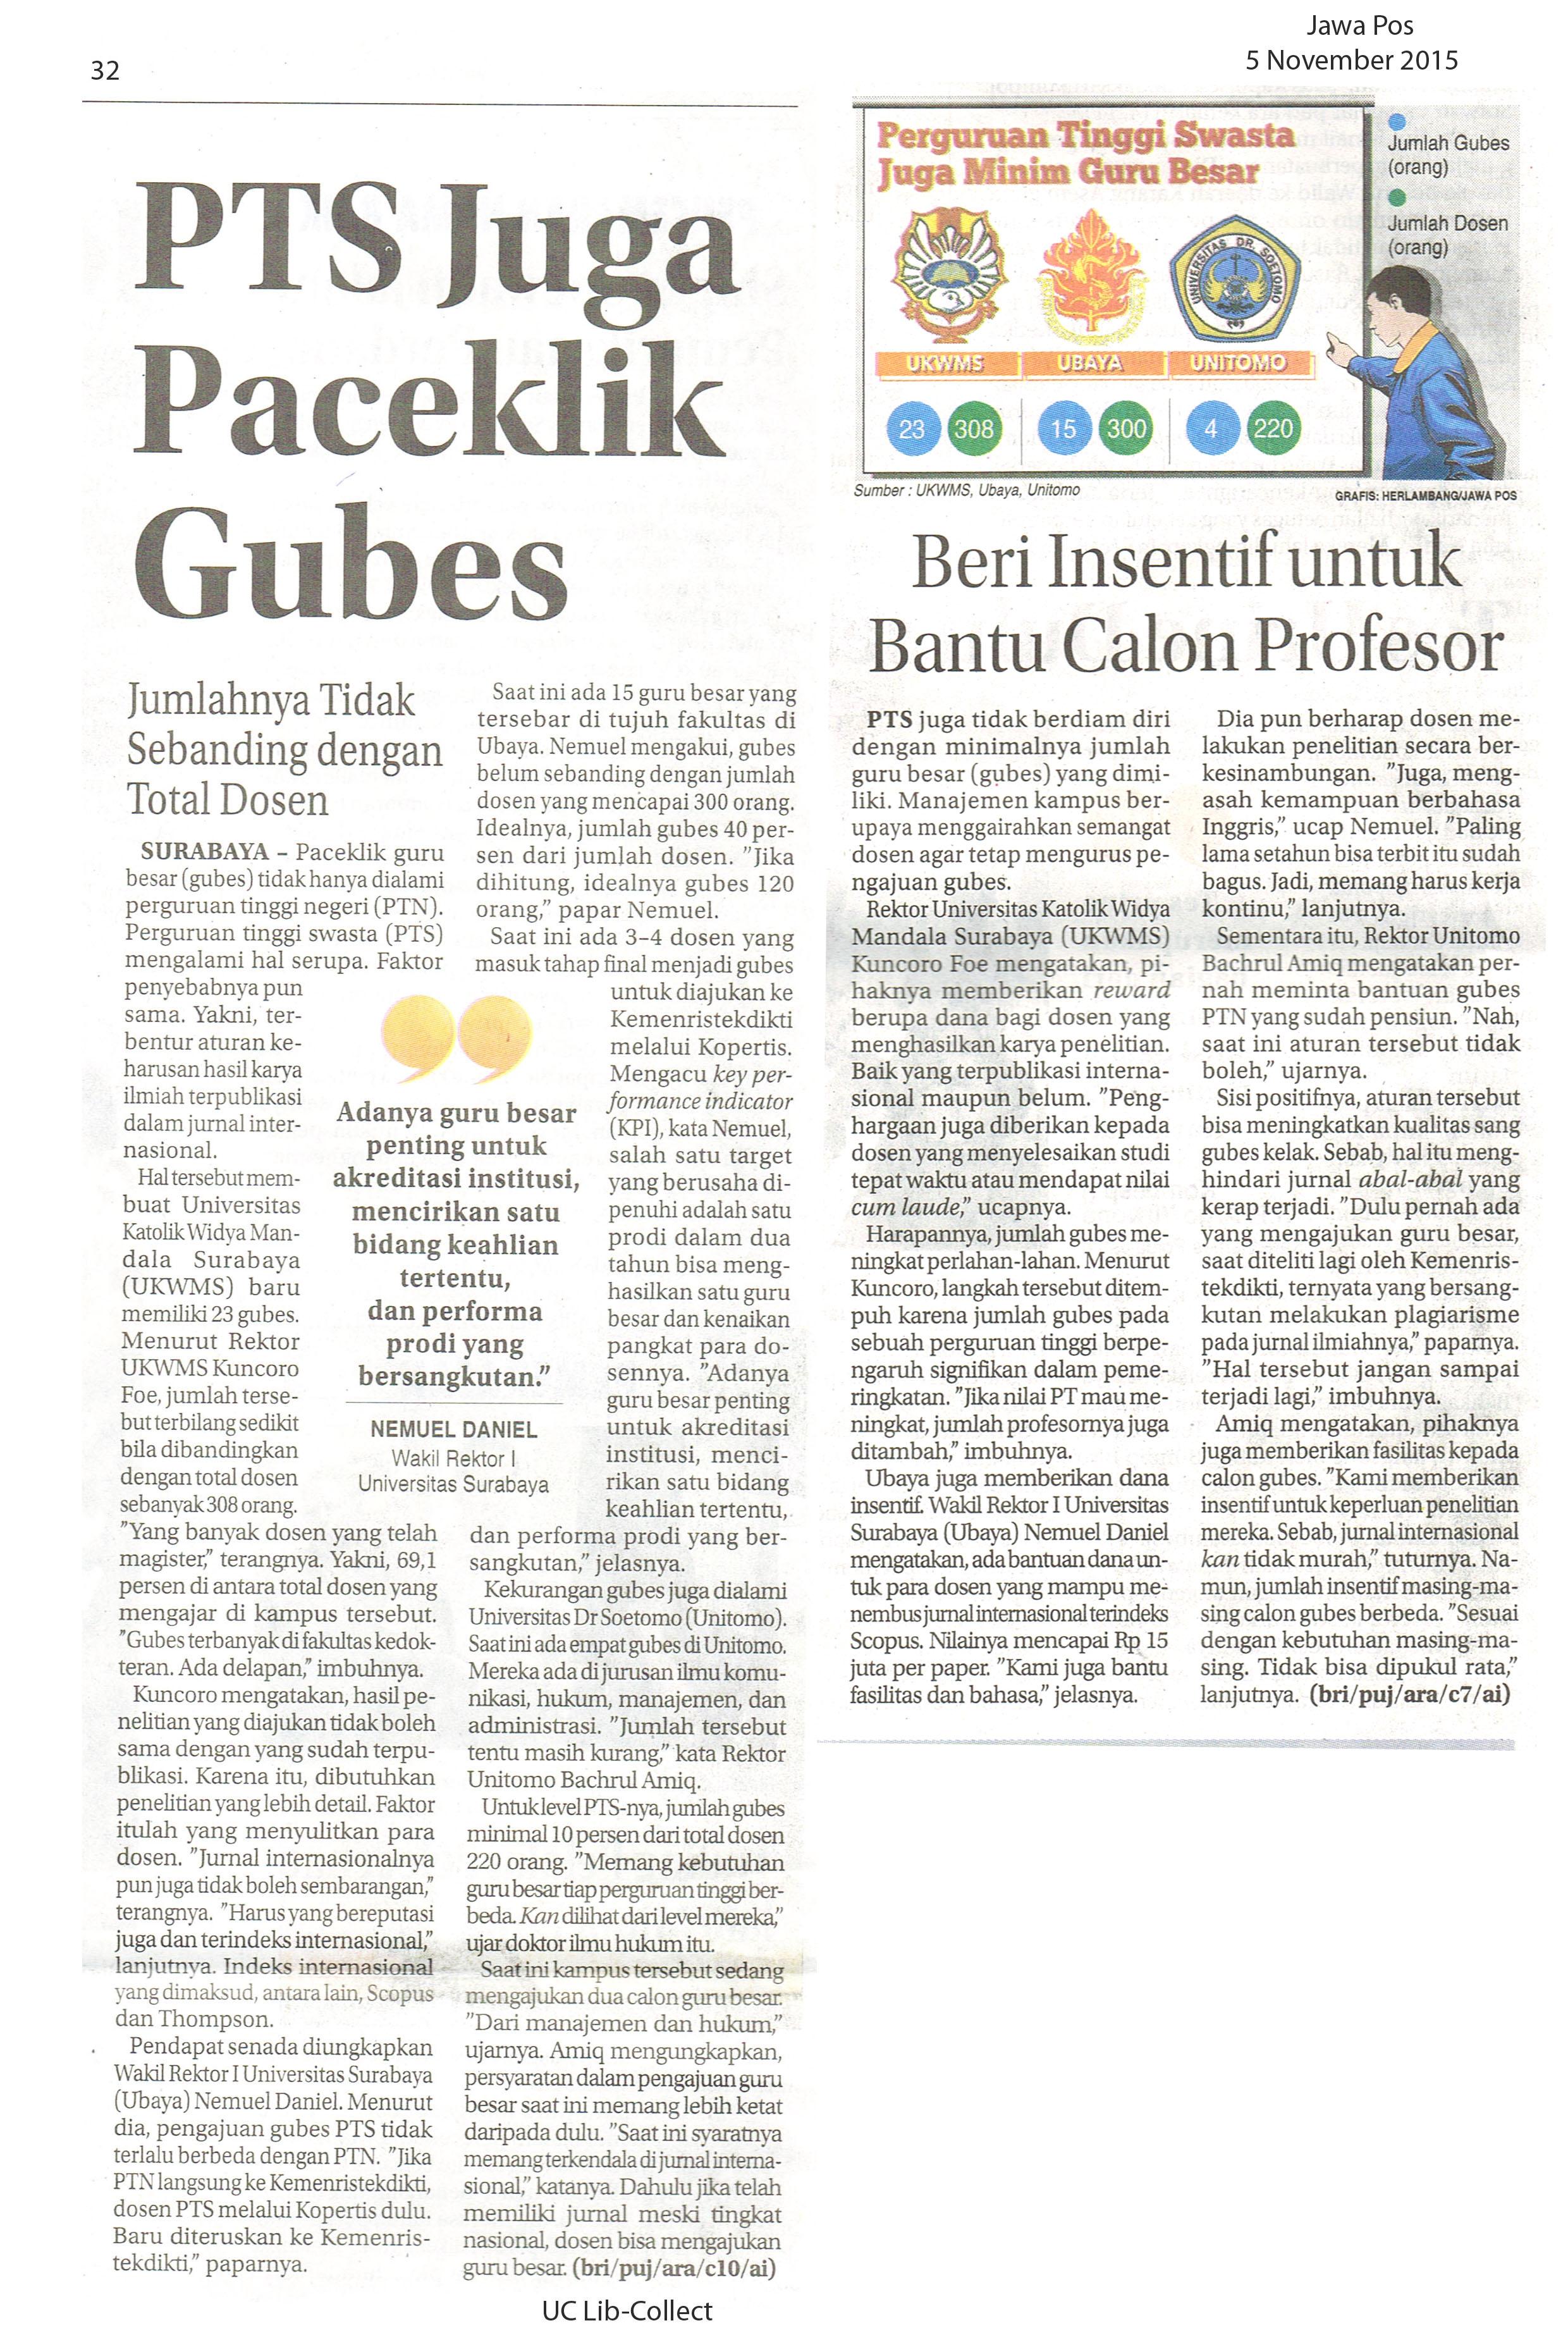 PTS Juga Paceklik Gubes. Jawa Pos. 5 November 2015.Hal.33